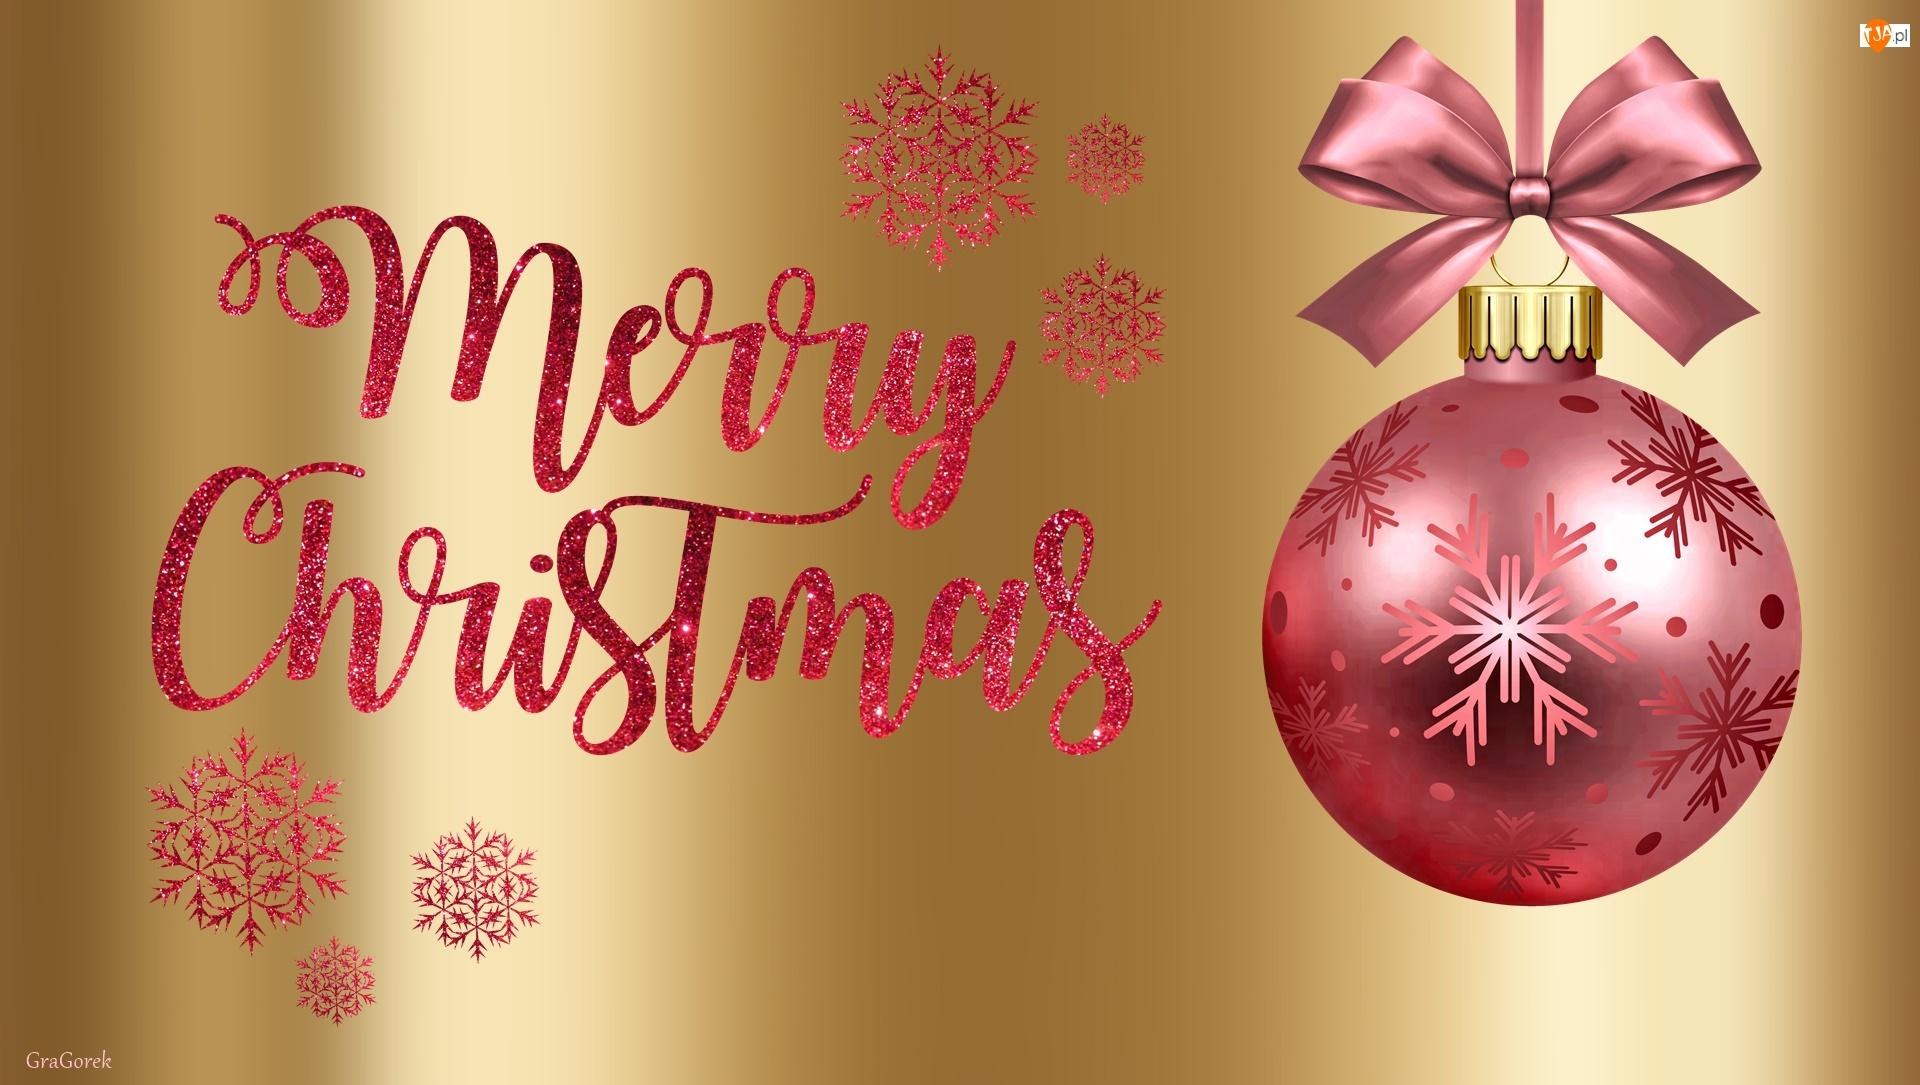 Życzenia, Grafika 2D, Świąteczne, Bombka